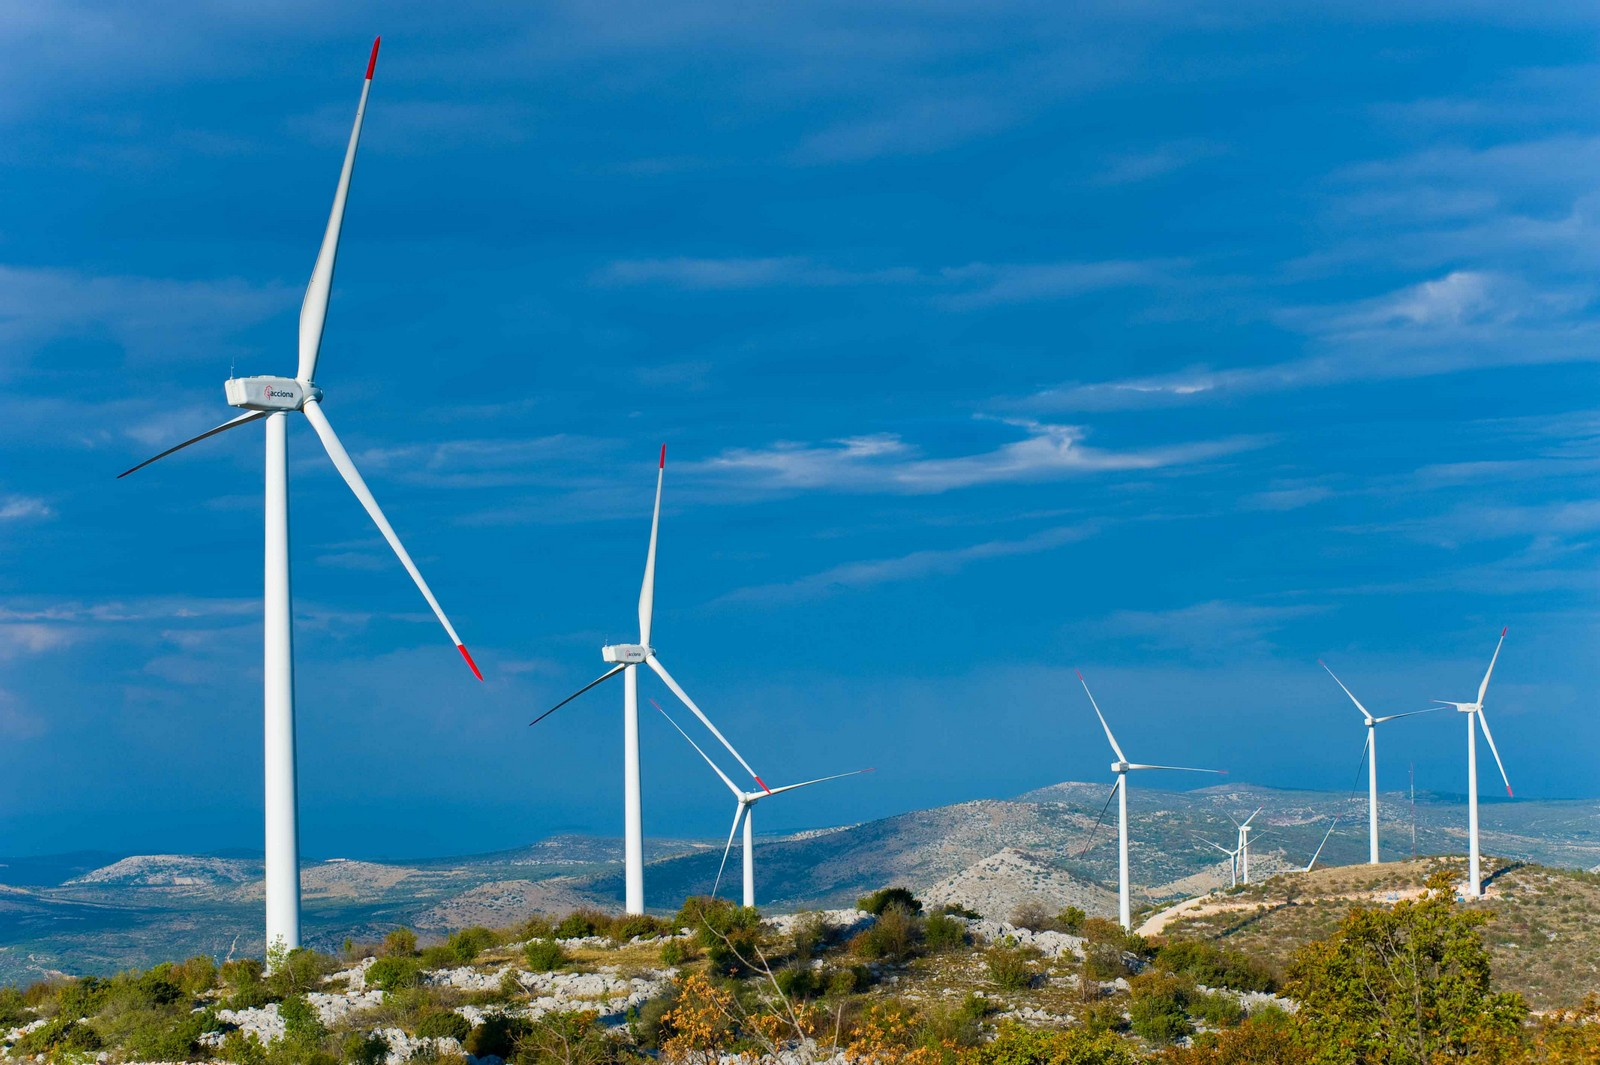 Eólica en Croacia: Hrvatska Elektroprivreda cobstruye parque eólico de 58 MW